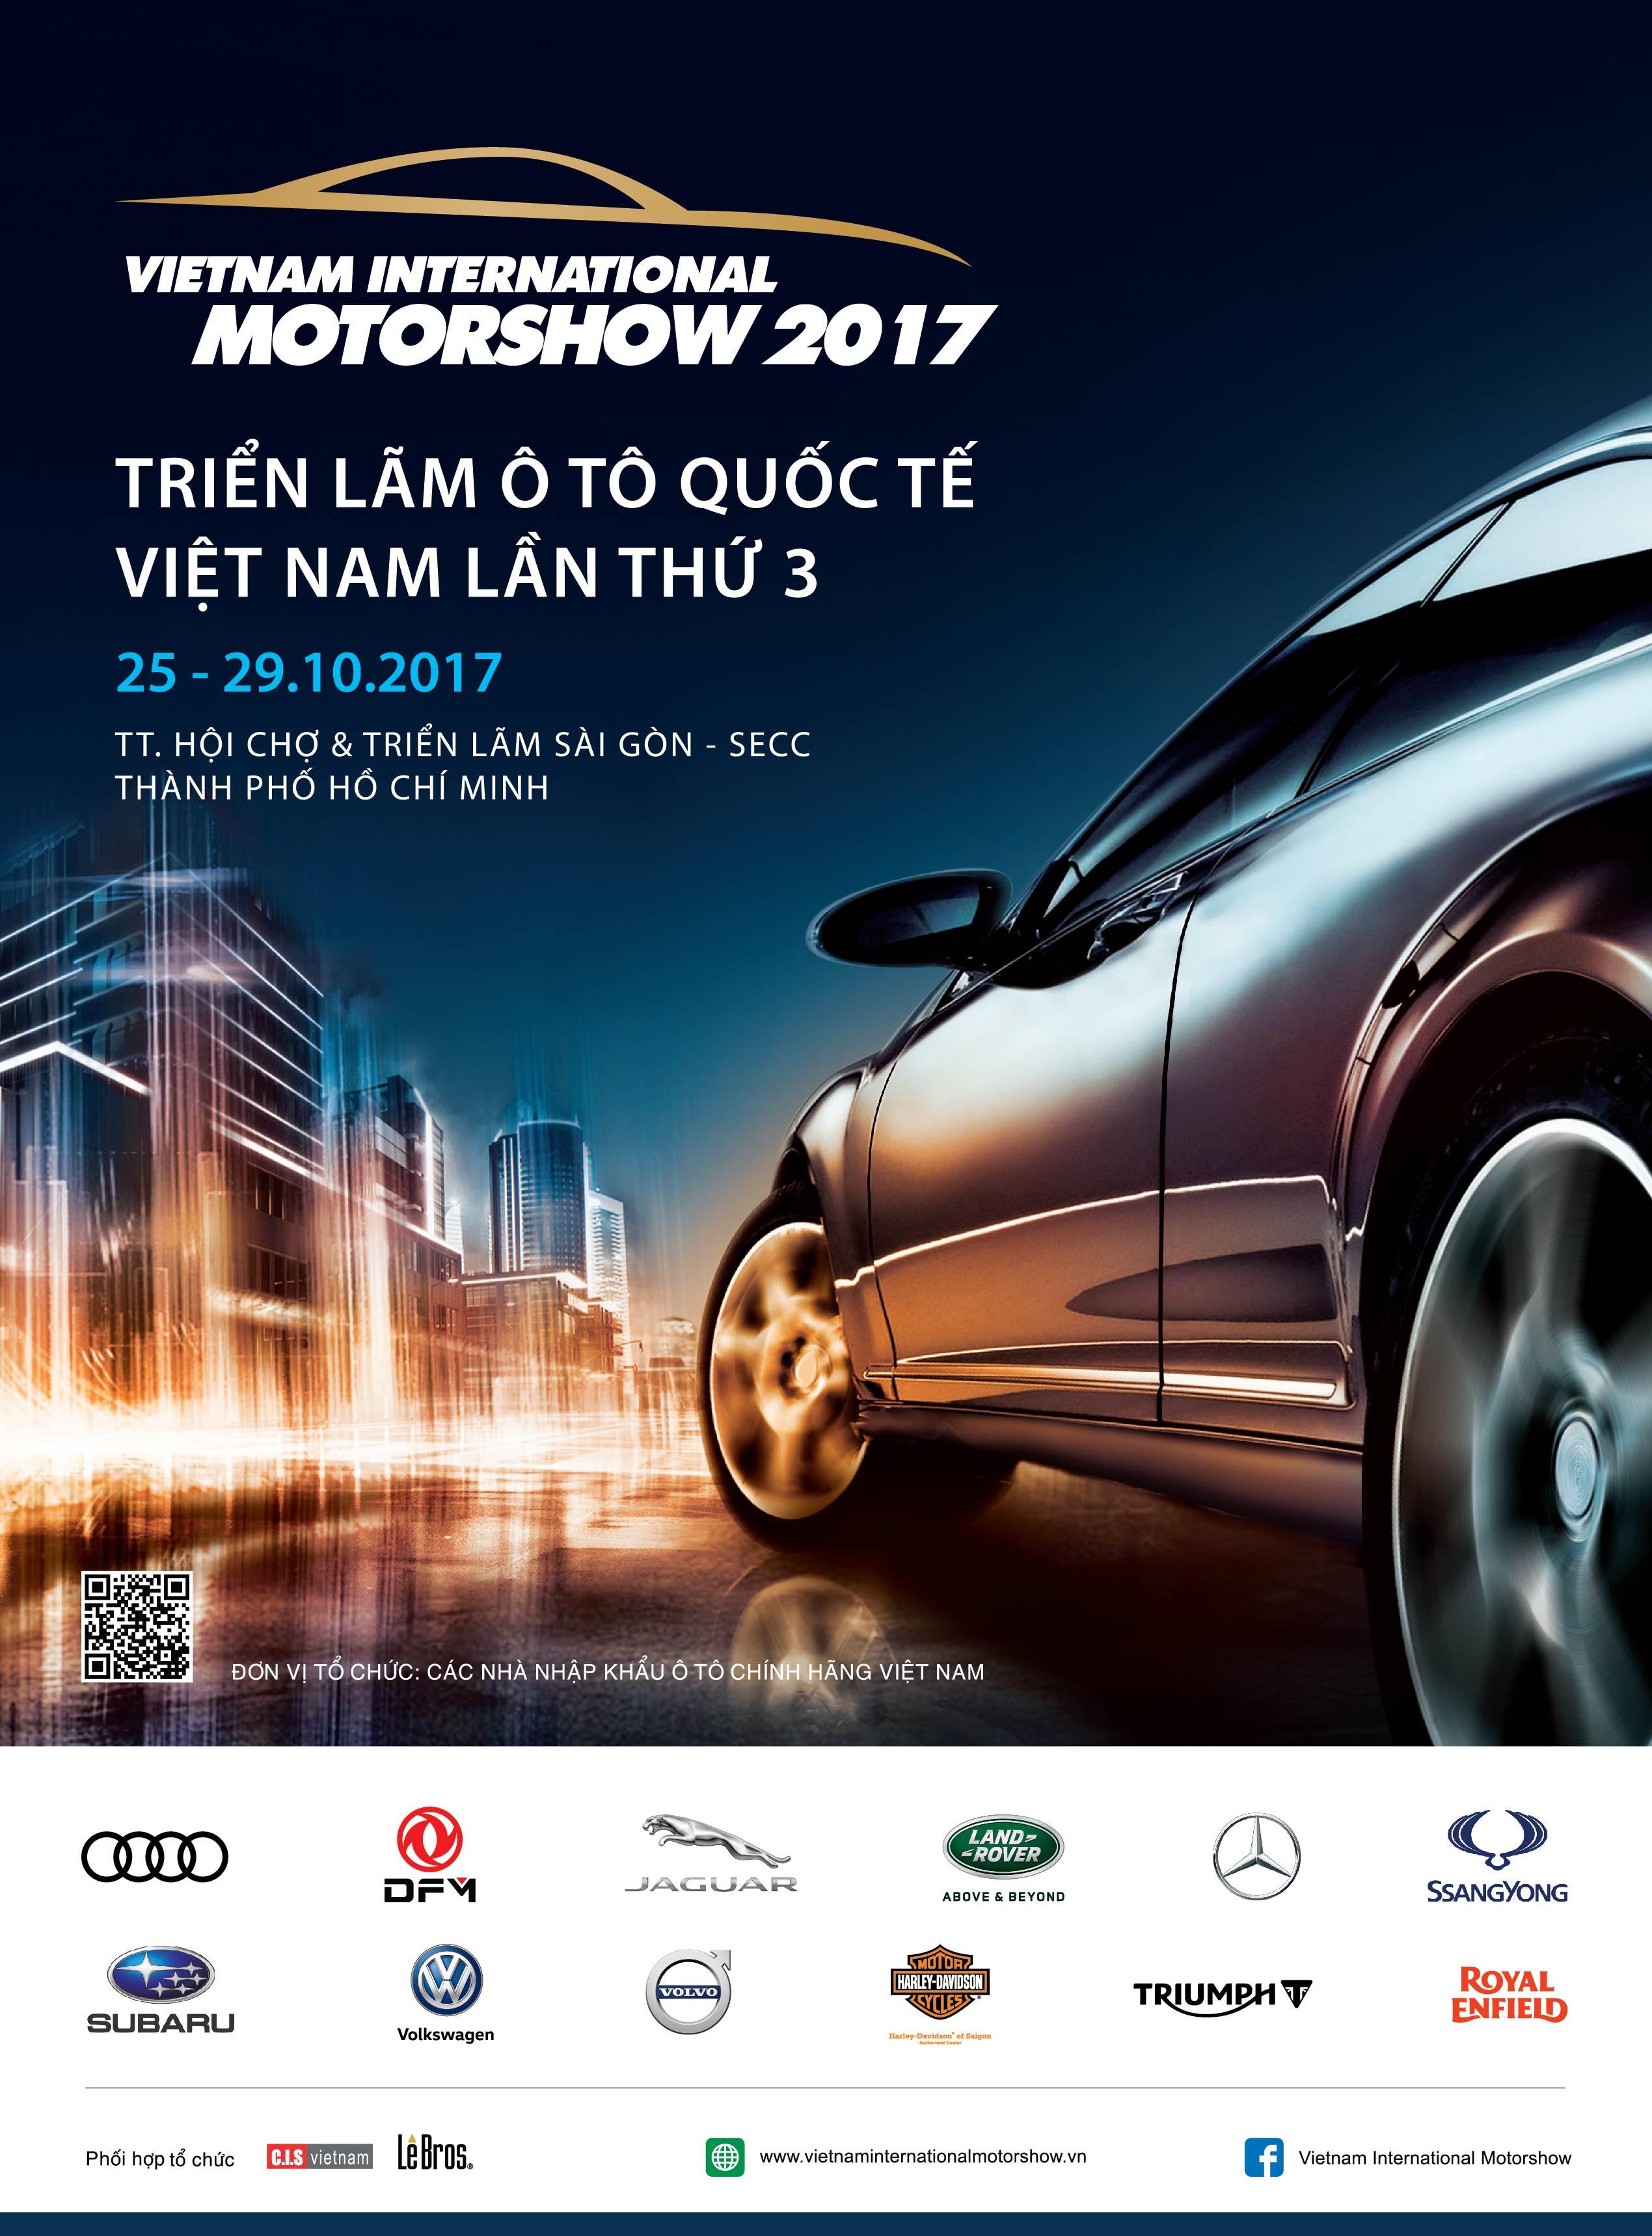 Hình 05: Volvo Việt Nam tham dự Motorshow 2017